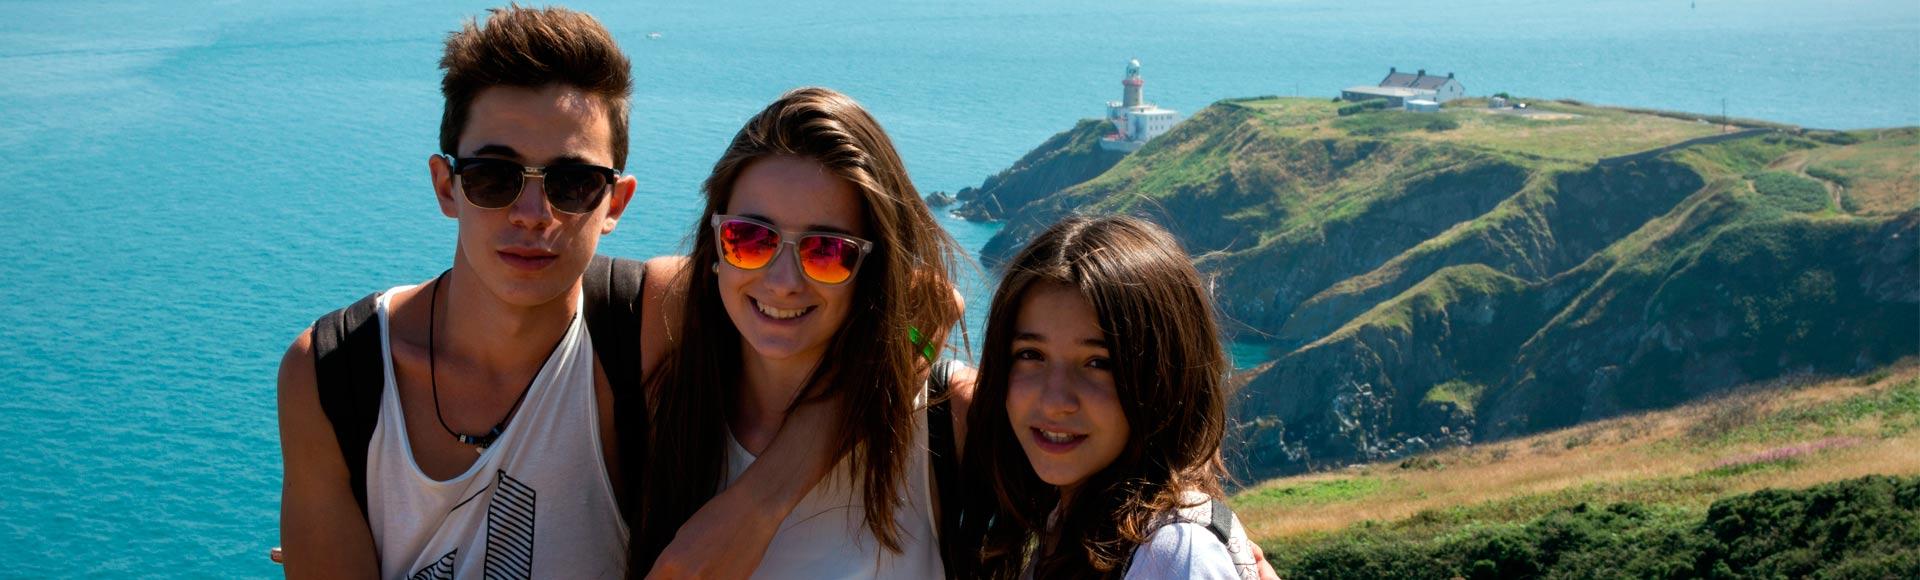 Cursos de Inglés para Jóvenes en Dublín Irlanda